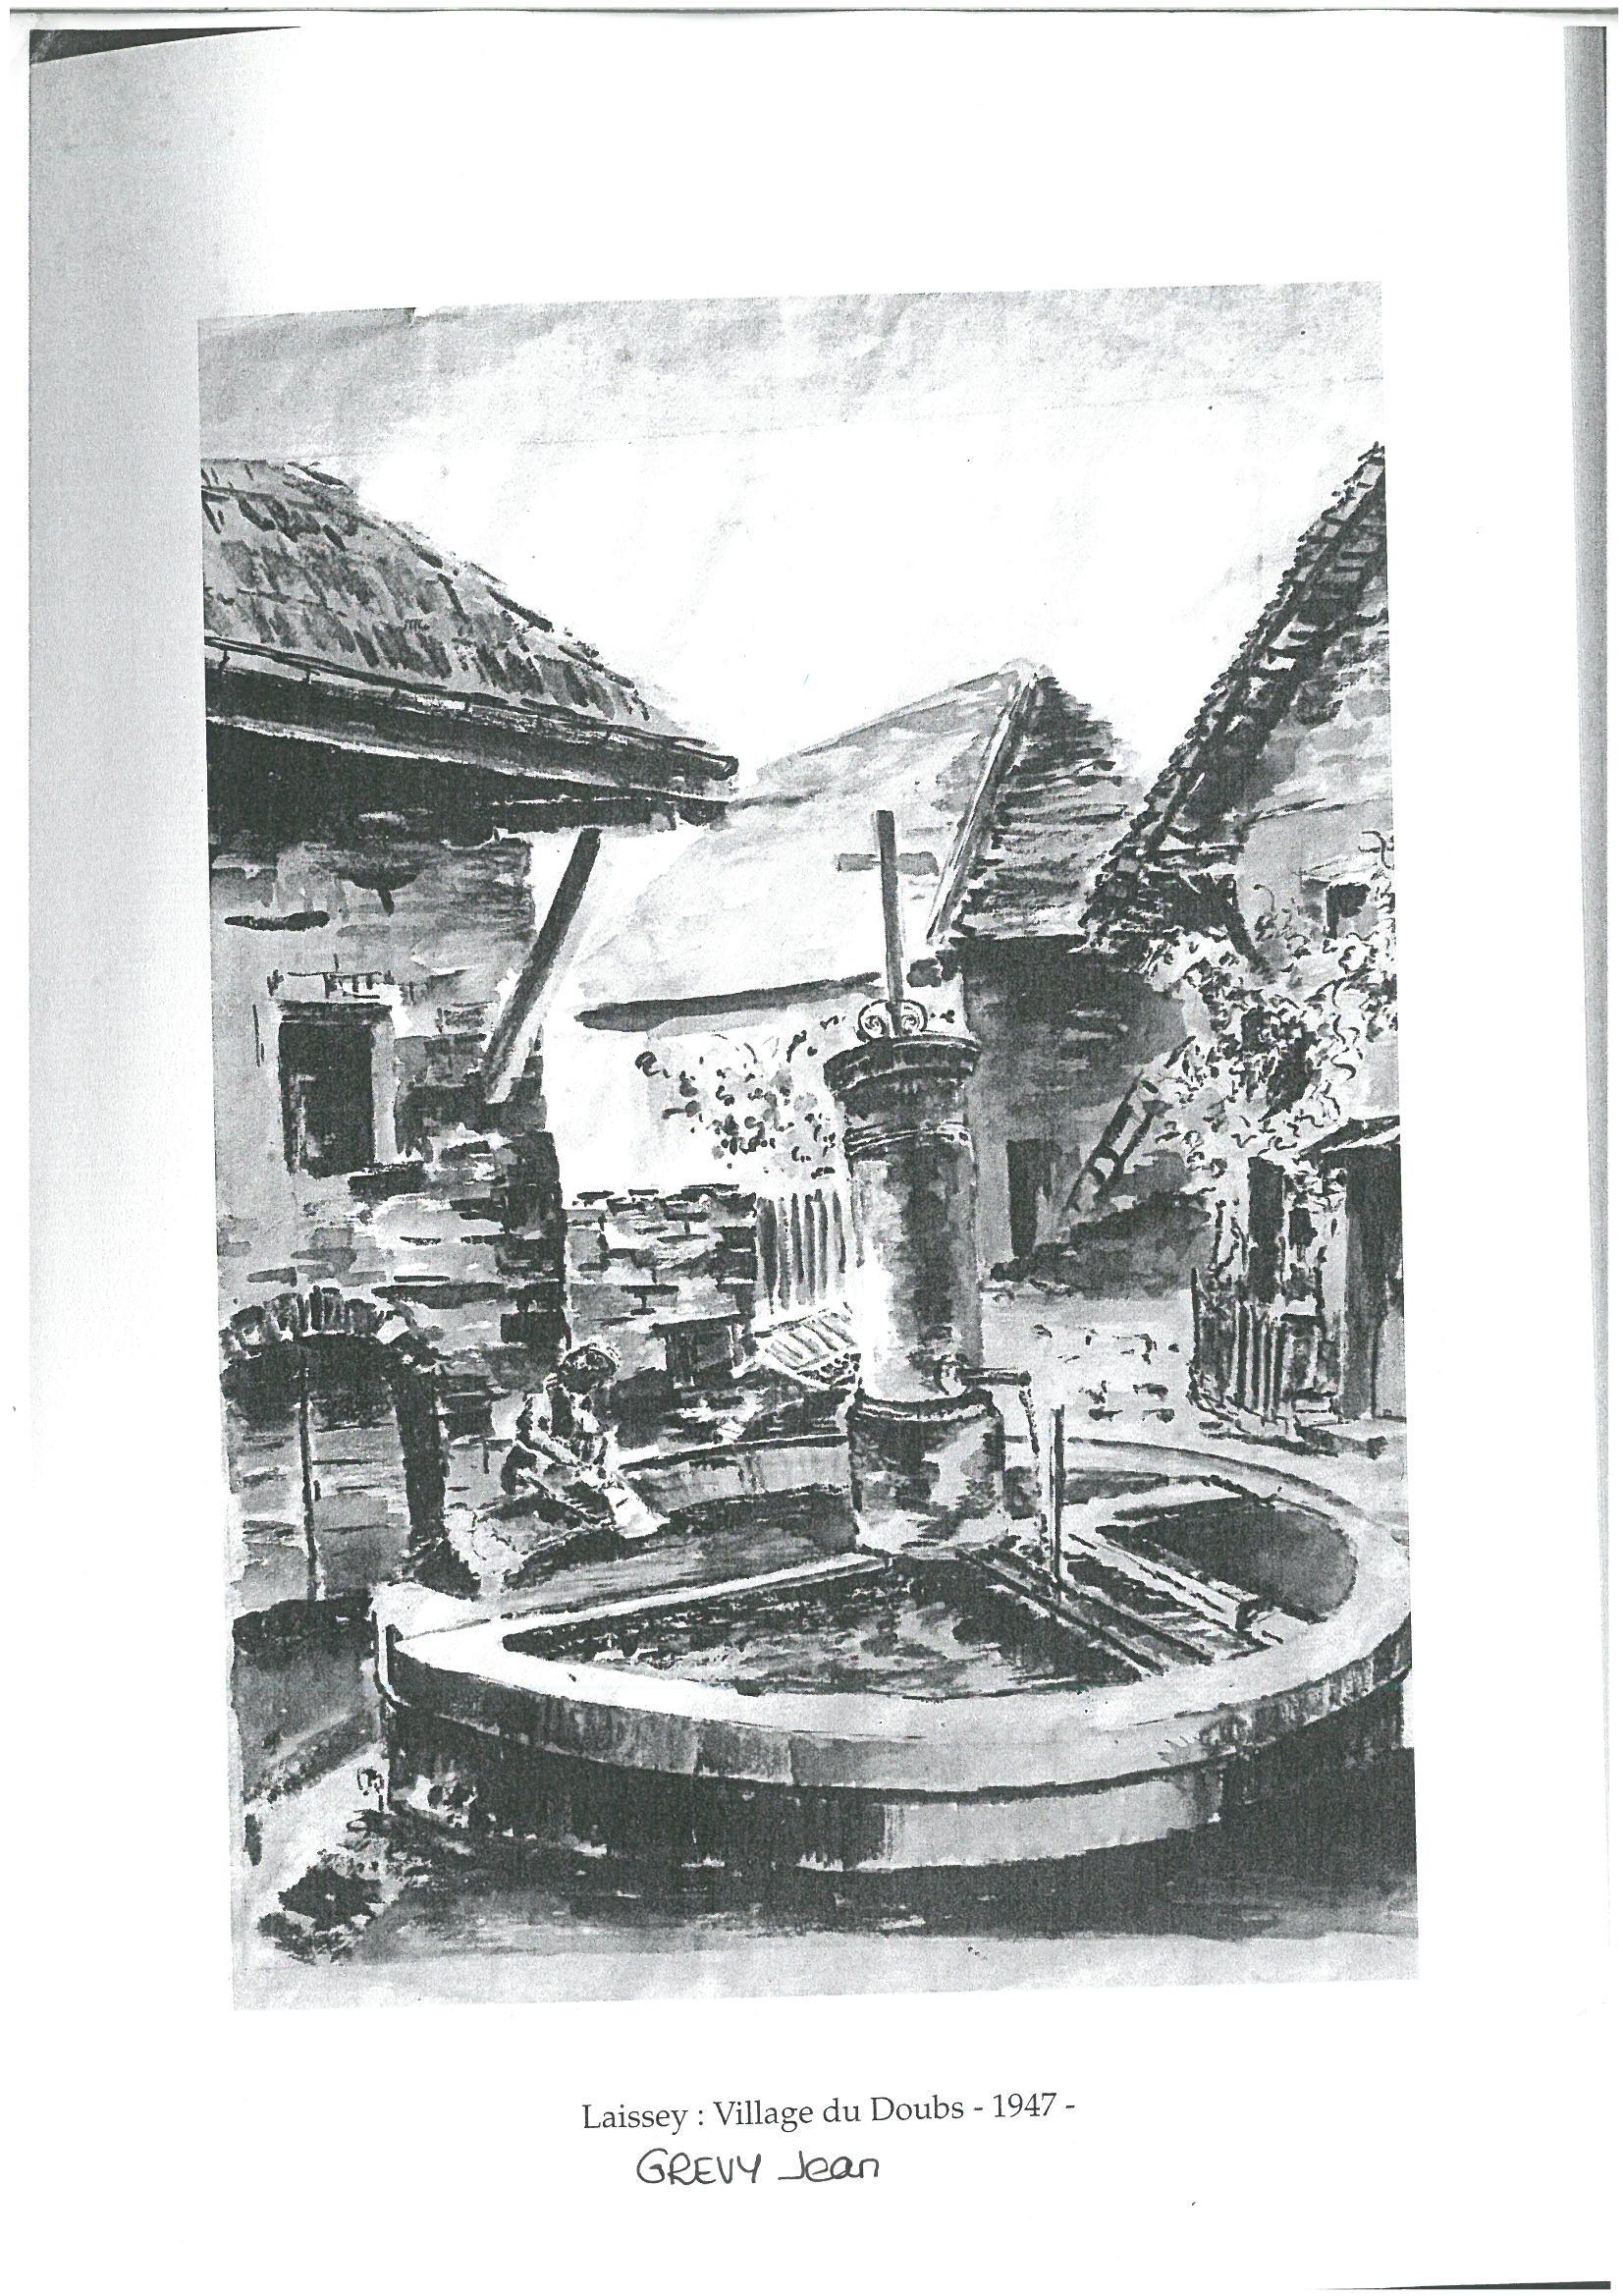 fontaine-esquisse-de-1947-grevy-jean